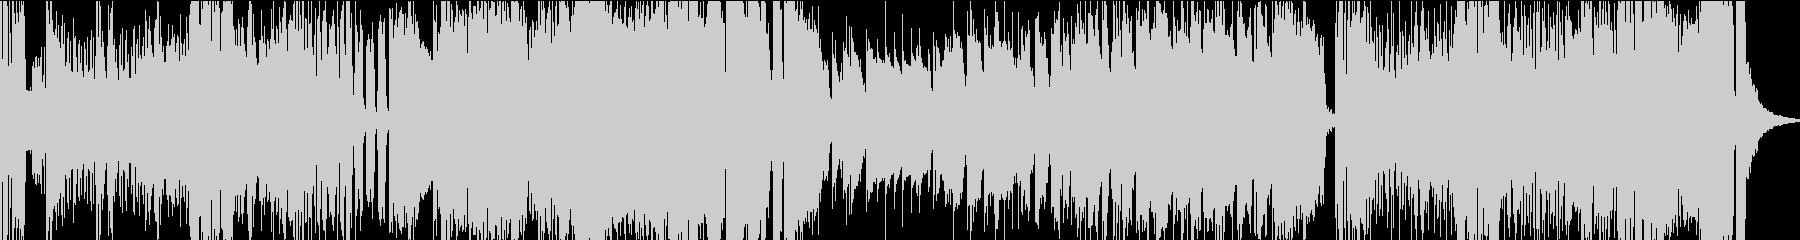 ドタバタでコミカルな行進曲の未再生の波形